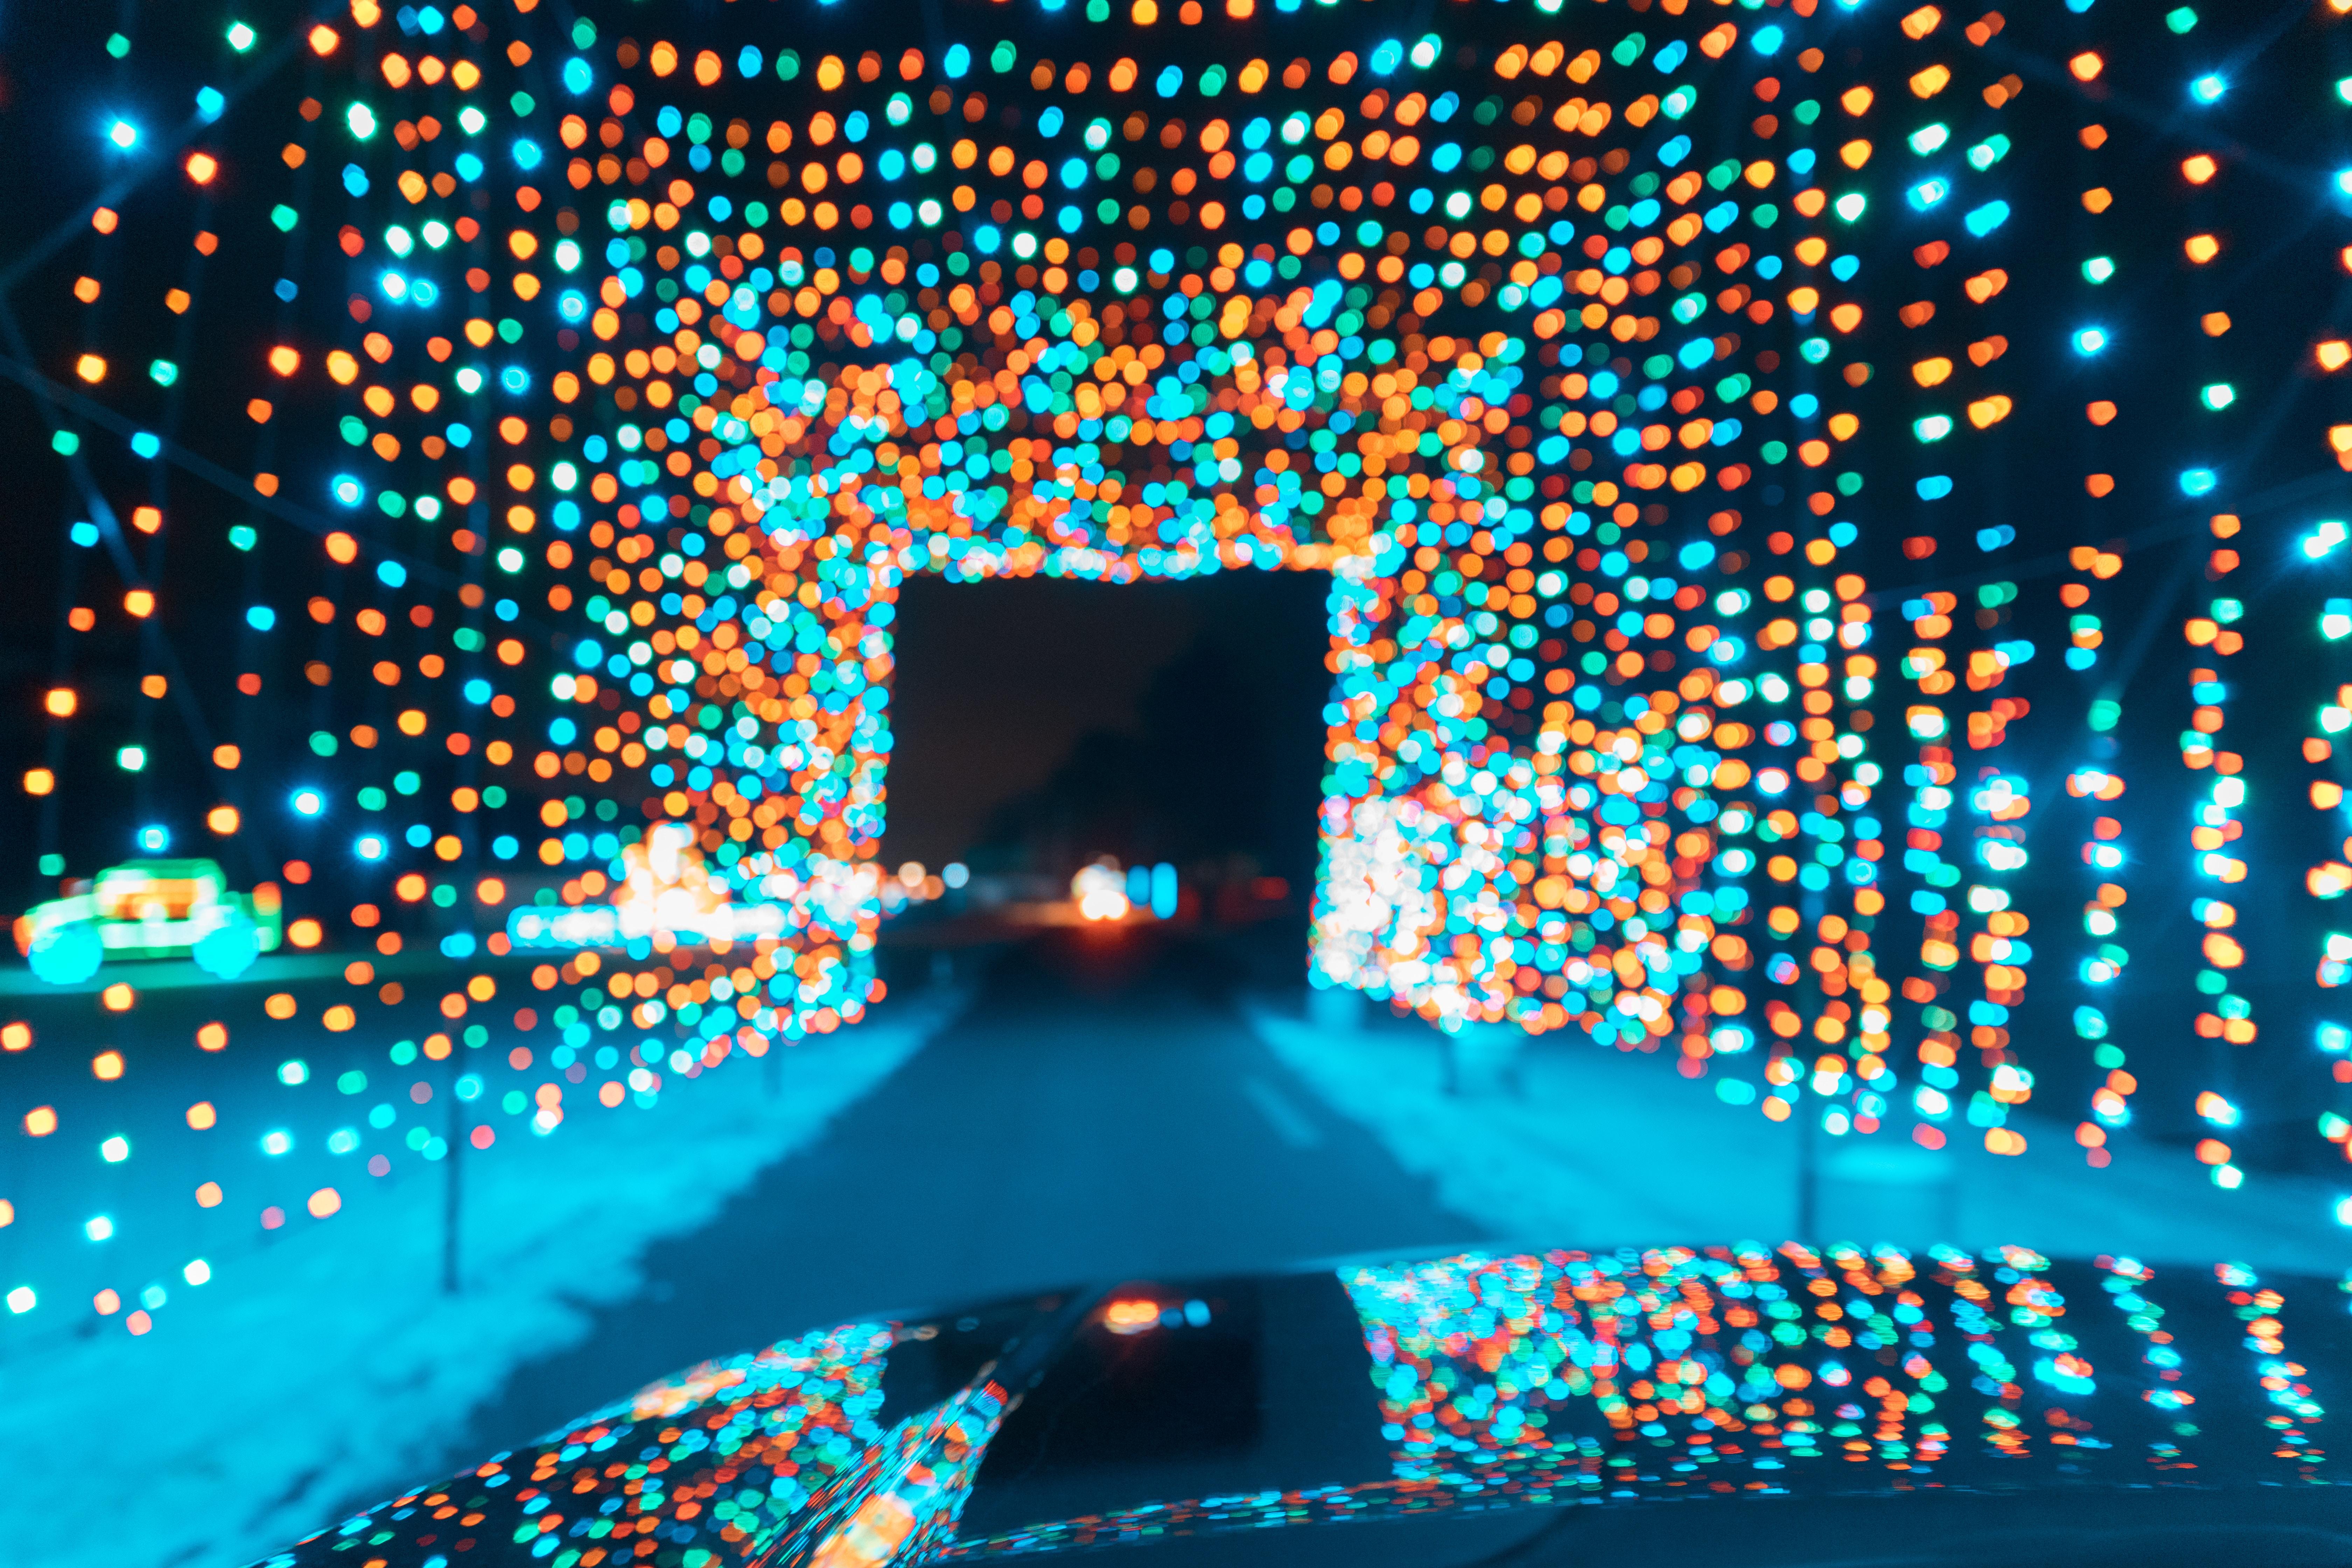 multicolored light fixture